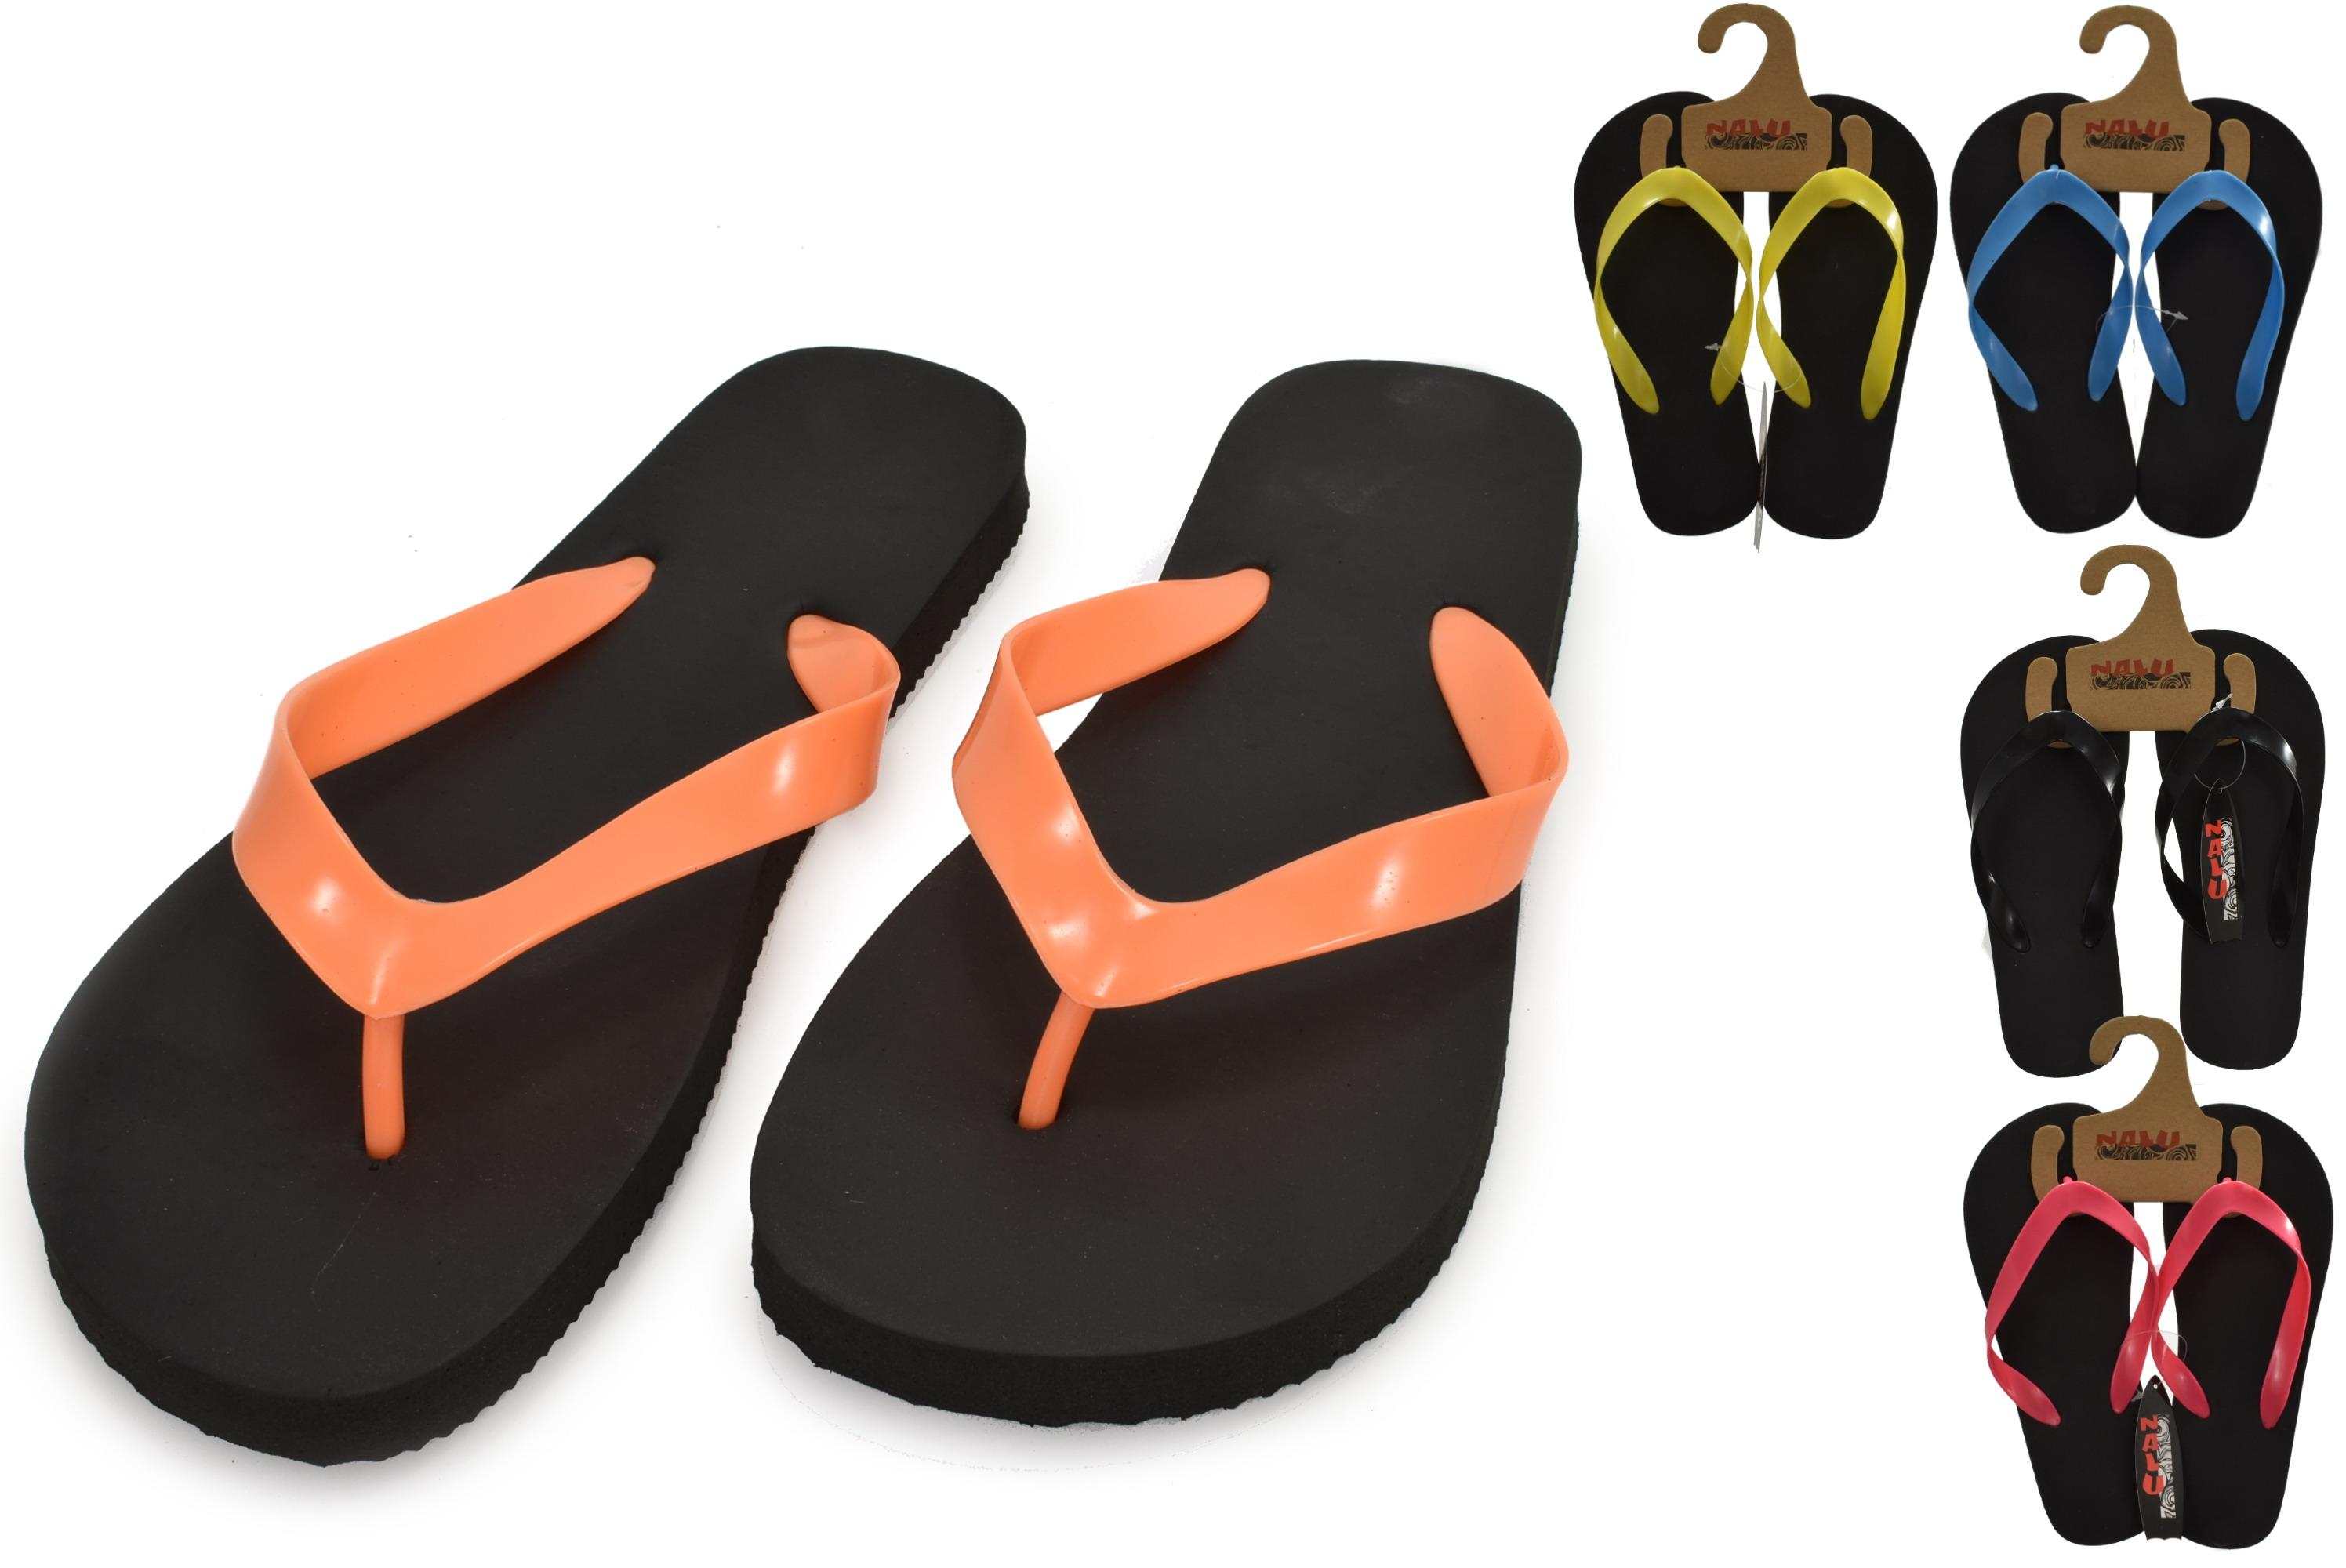 Flip Flop Childs Size 2 Plain Colour